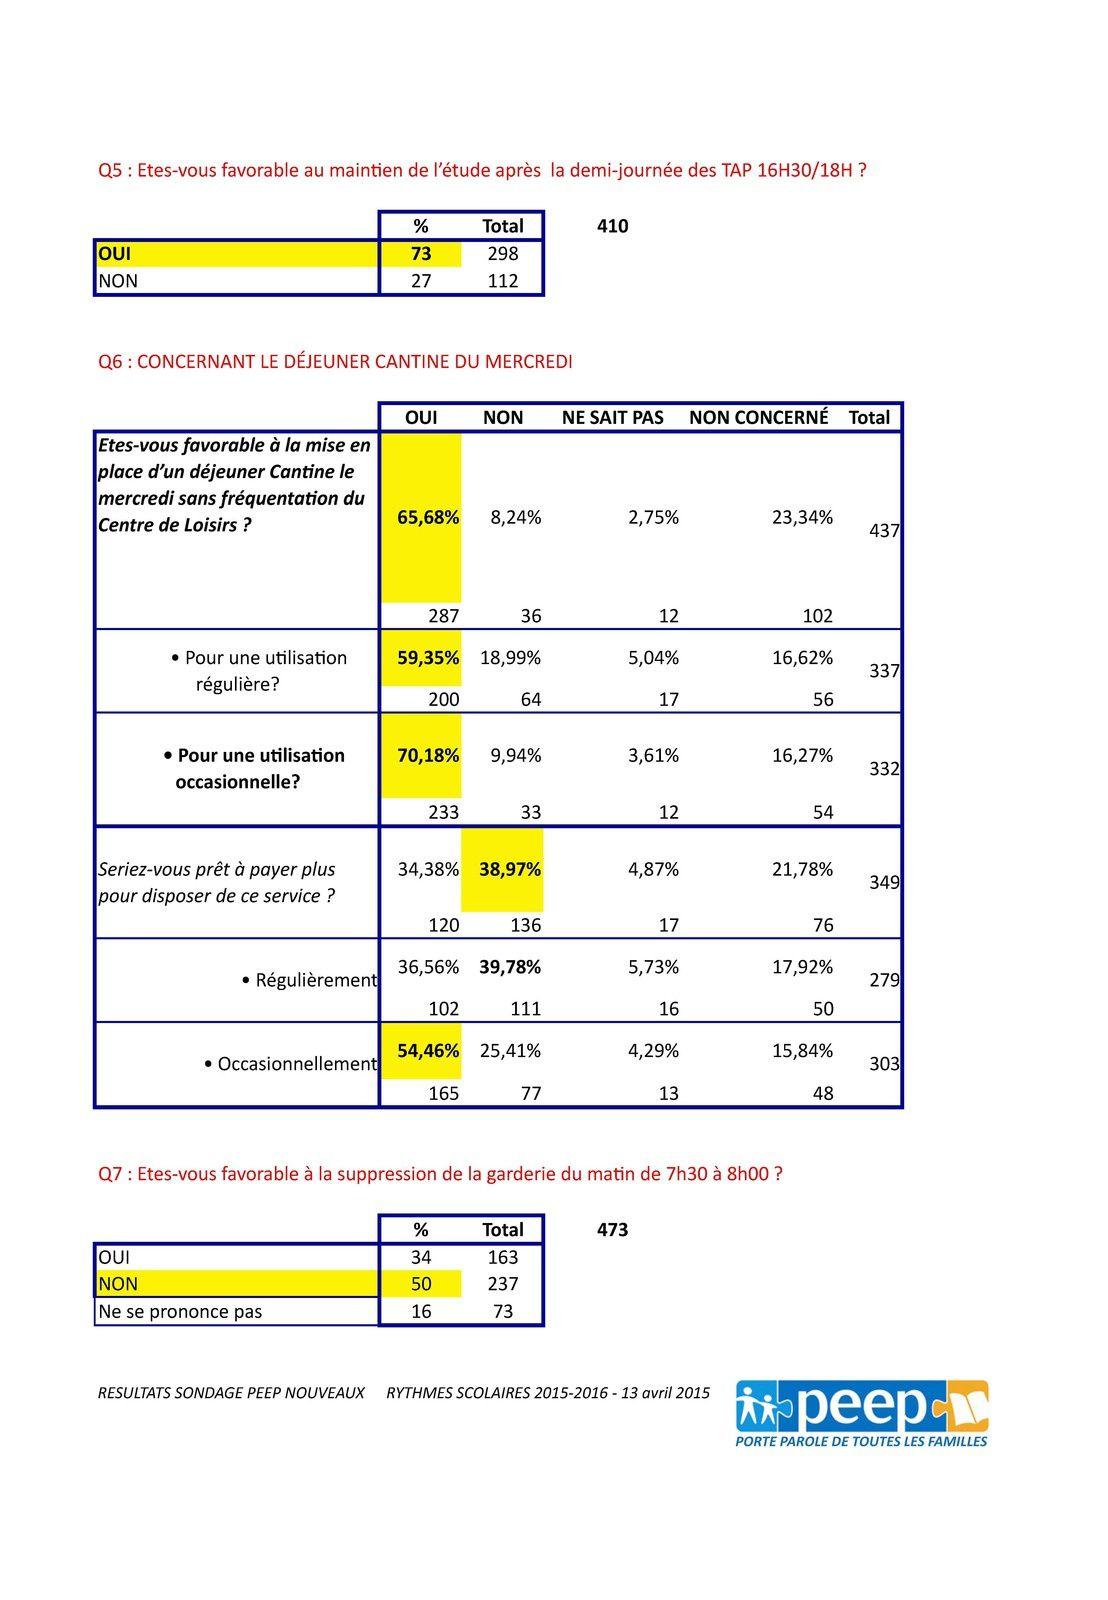 Résultat détaillé du sondage PEEP sur les rythmes scolaires